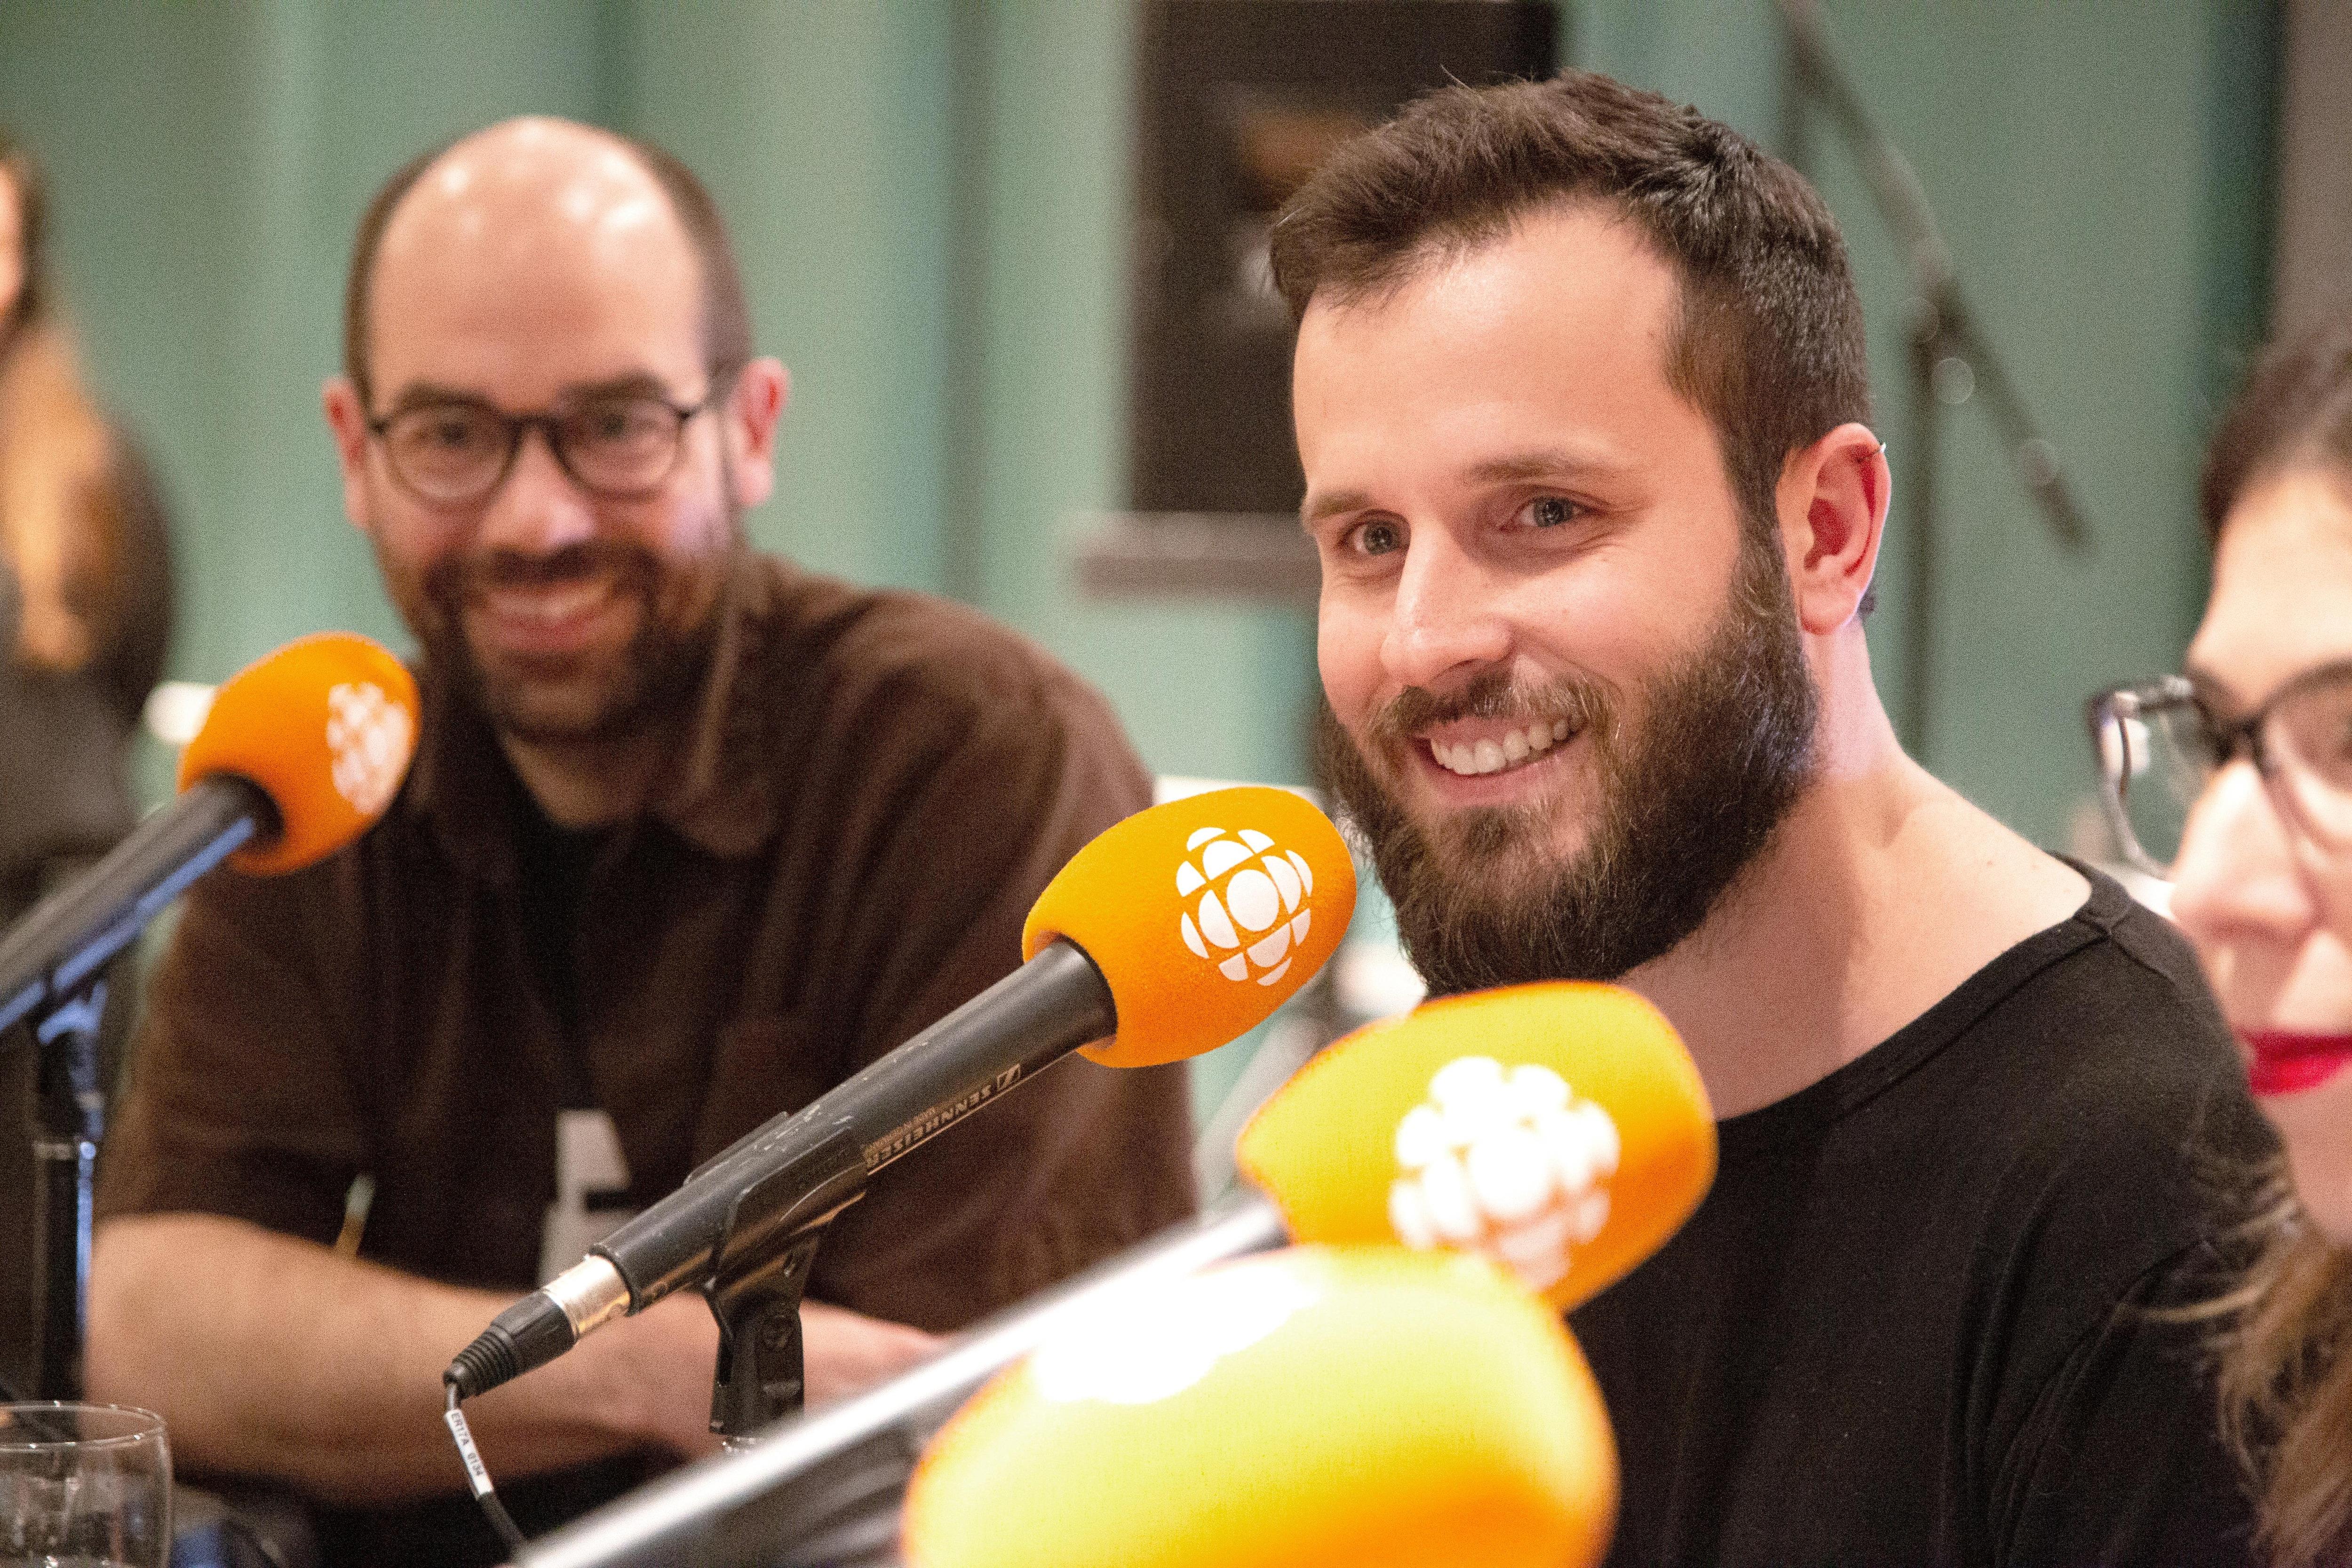 Assis derrière un micro, les deux hommes barbus sourient.